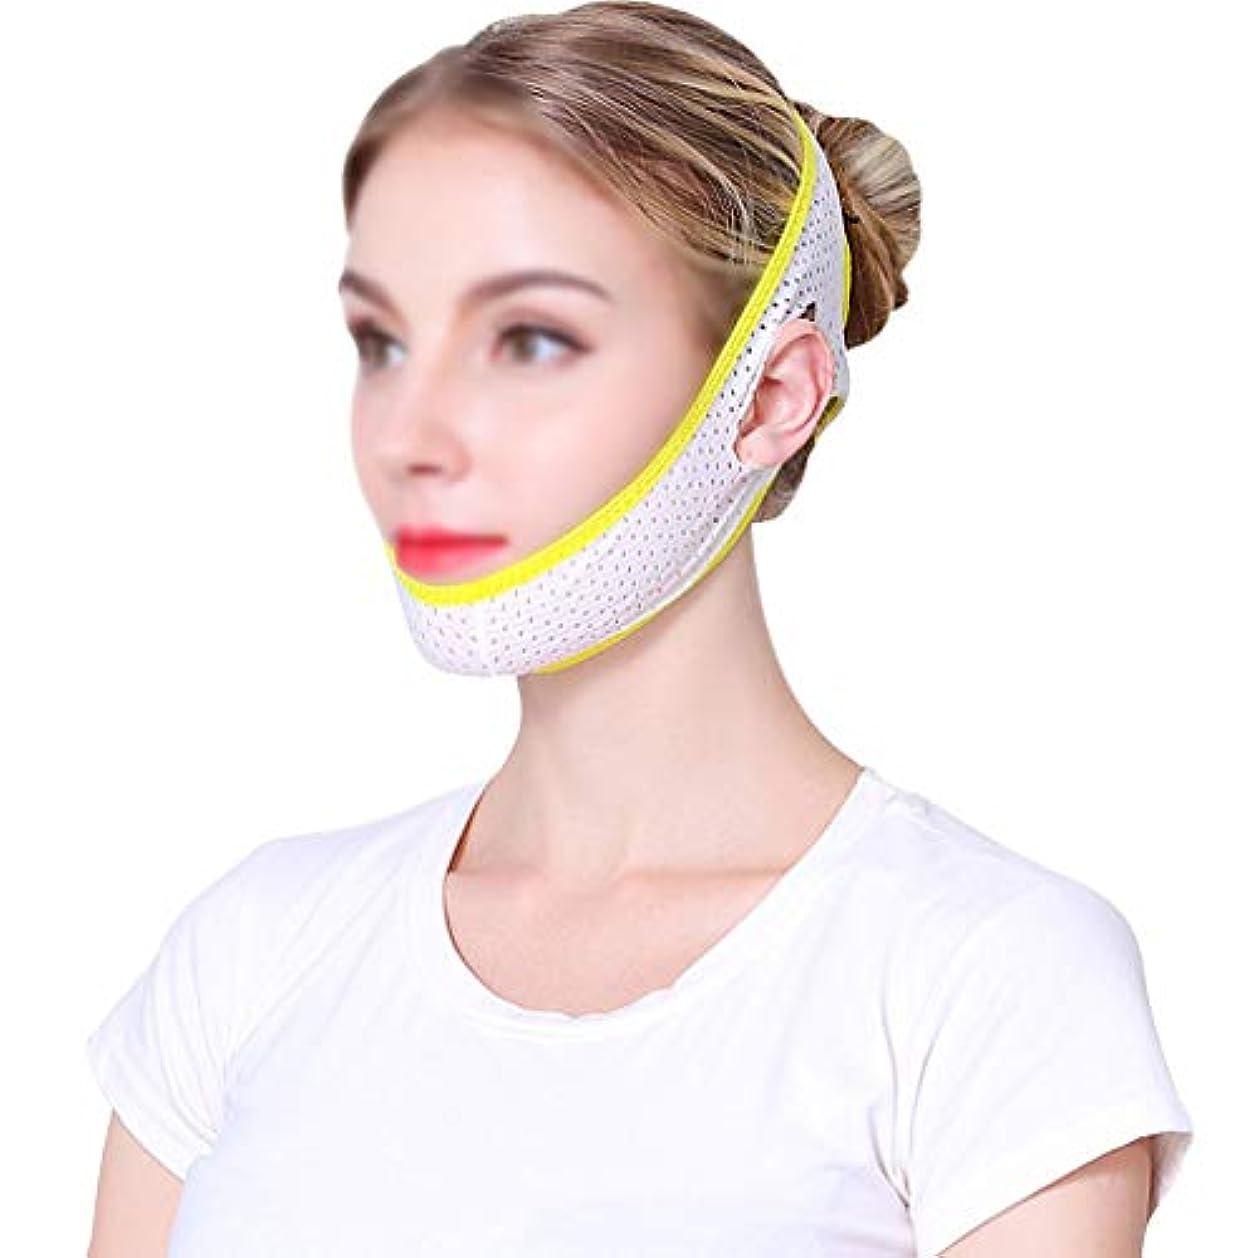 正気すごい予算LJK マスク包帯を持ち上げて、整形手術の夏通気性の薄いセクション二重あごストラップVフェイス薄いフェイスマスク